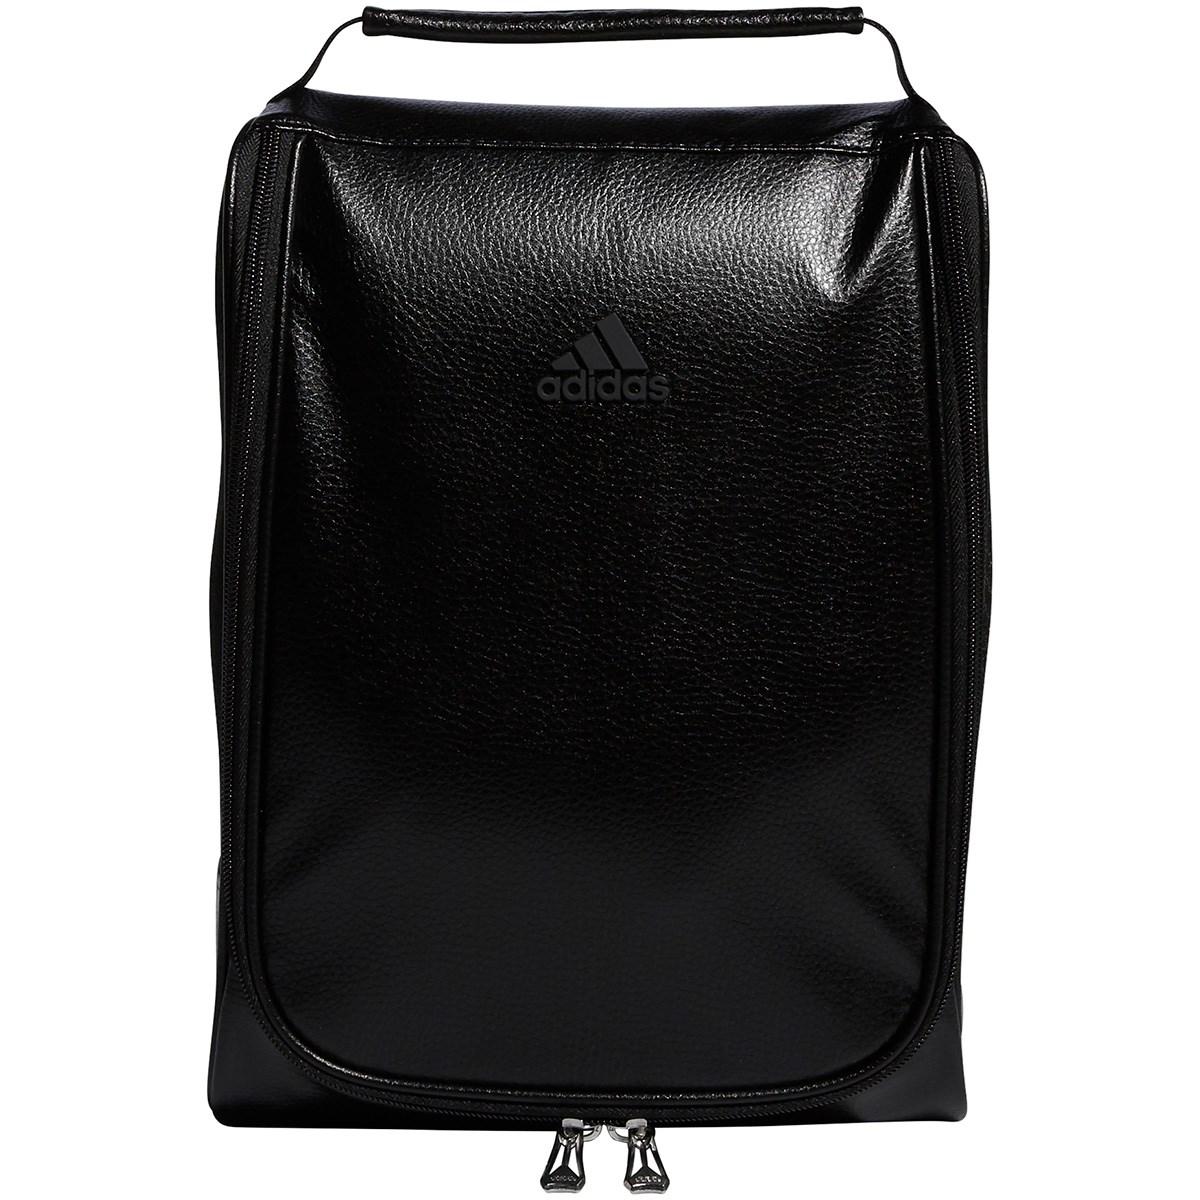 アディダス(adidas) トーナルロゴシューズケース